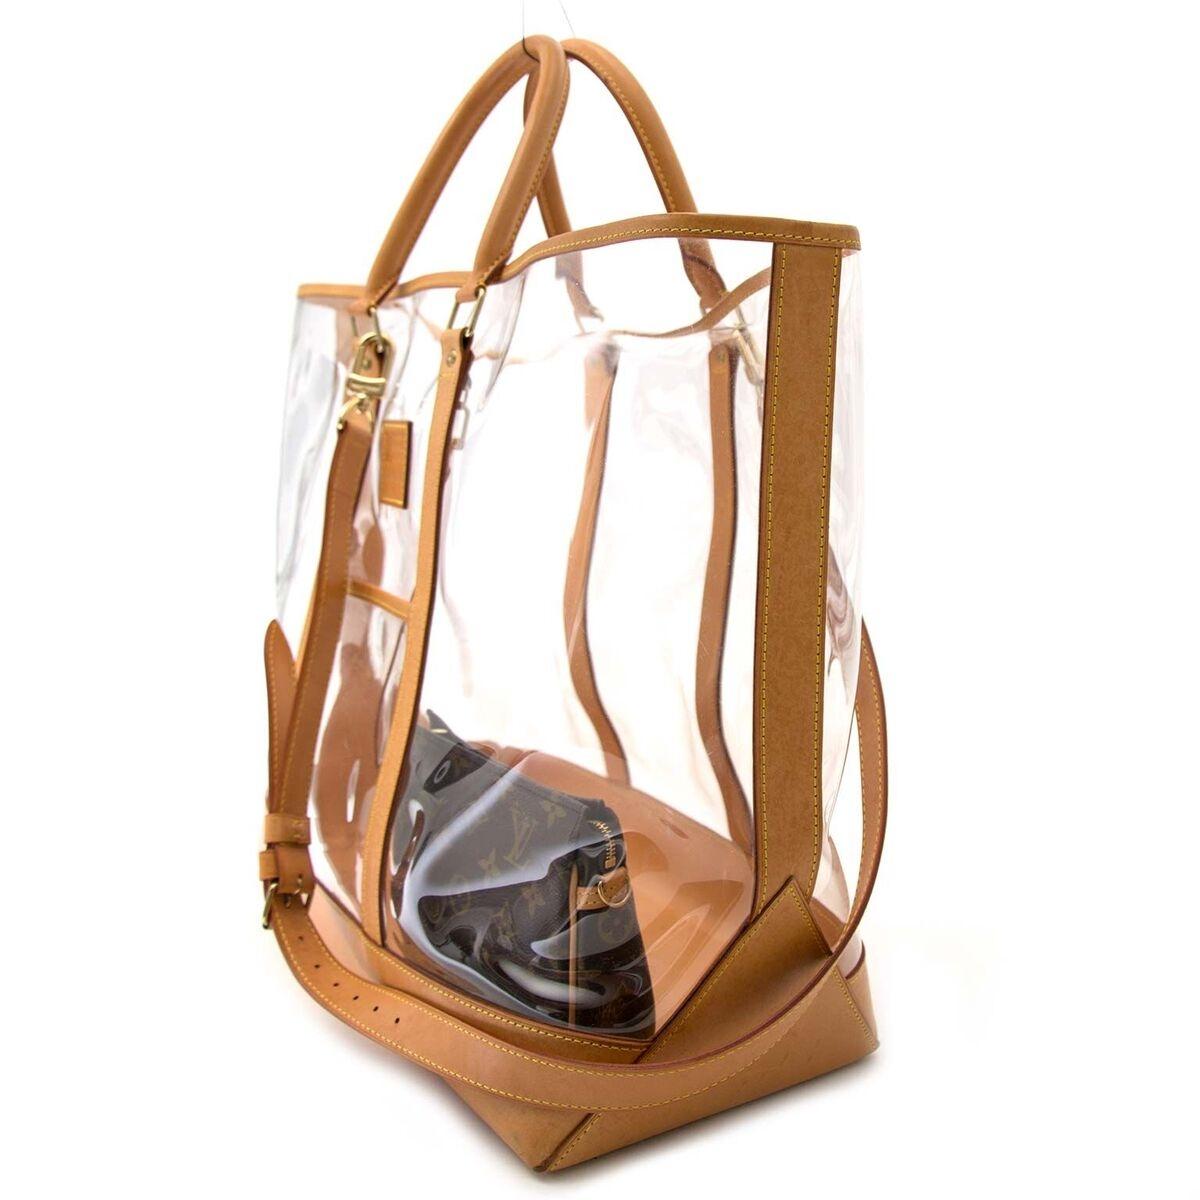 Achetez un authentique Louis Vuitton Limited Edition Isaac Mizrahi Vinyl x cuir sac à main en pour le bon prix chez LabelLOV.